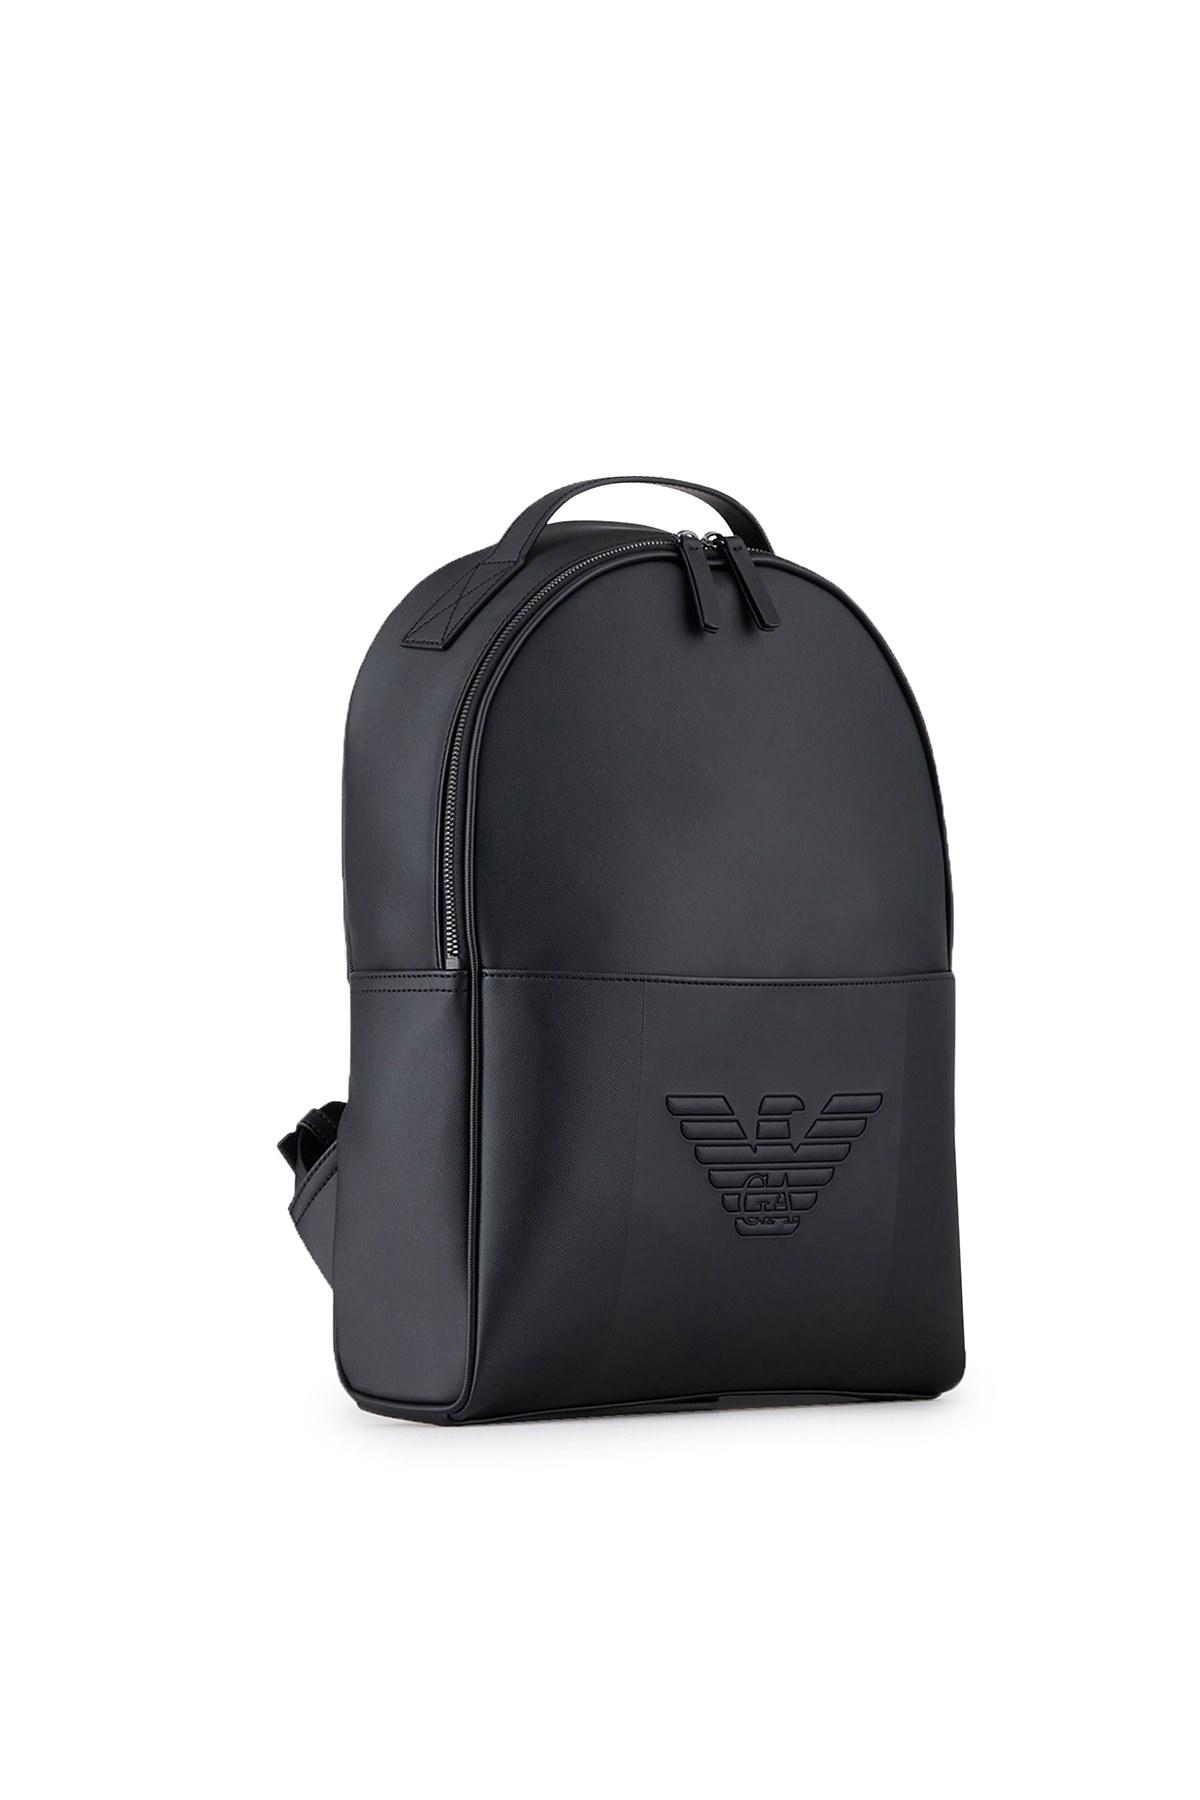 Emporio Armani Logo Baskılı Ayarlanabilir Askılı Erkek Çanta Y4O215 YFE6J 81072 SİYAH